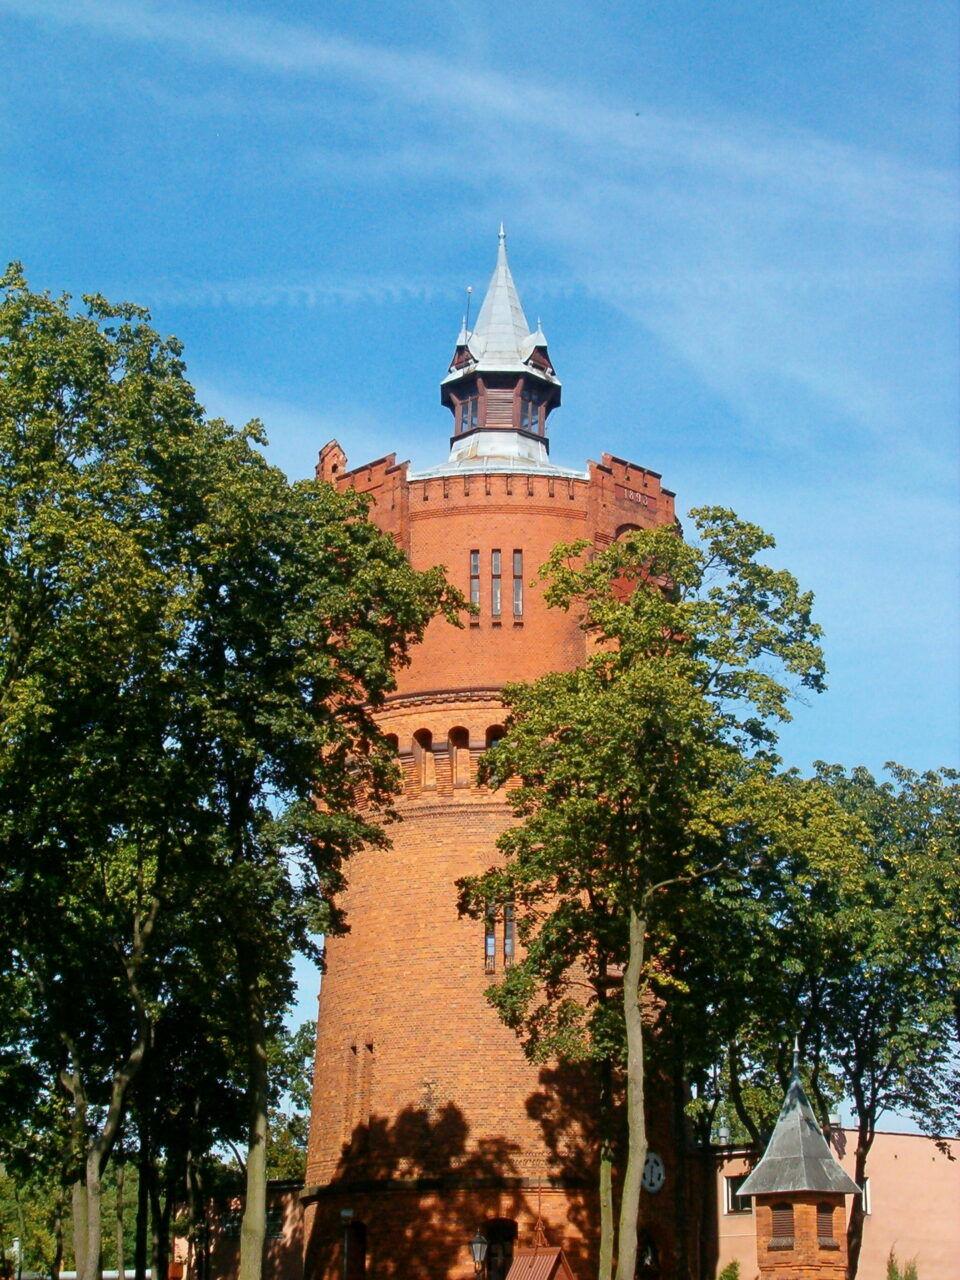 Wieża ciśnień Stare Bielany w Toruniu